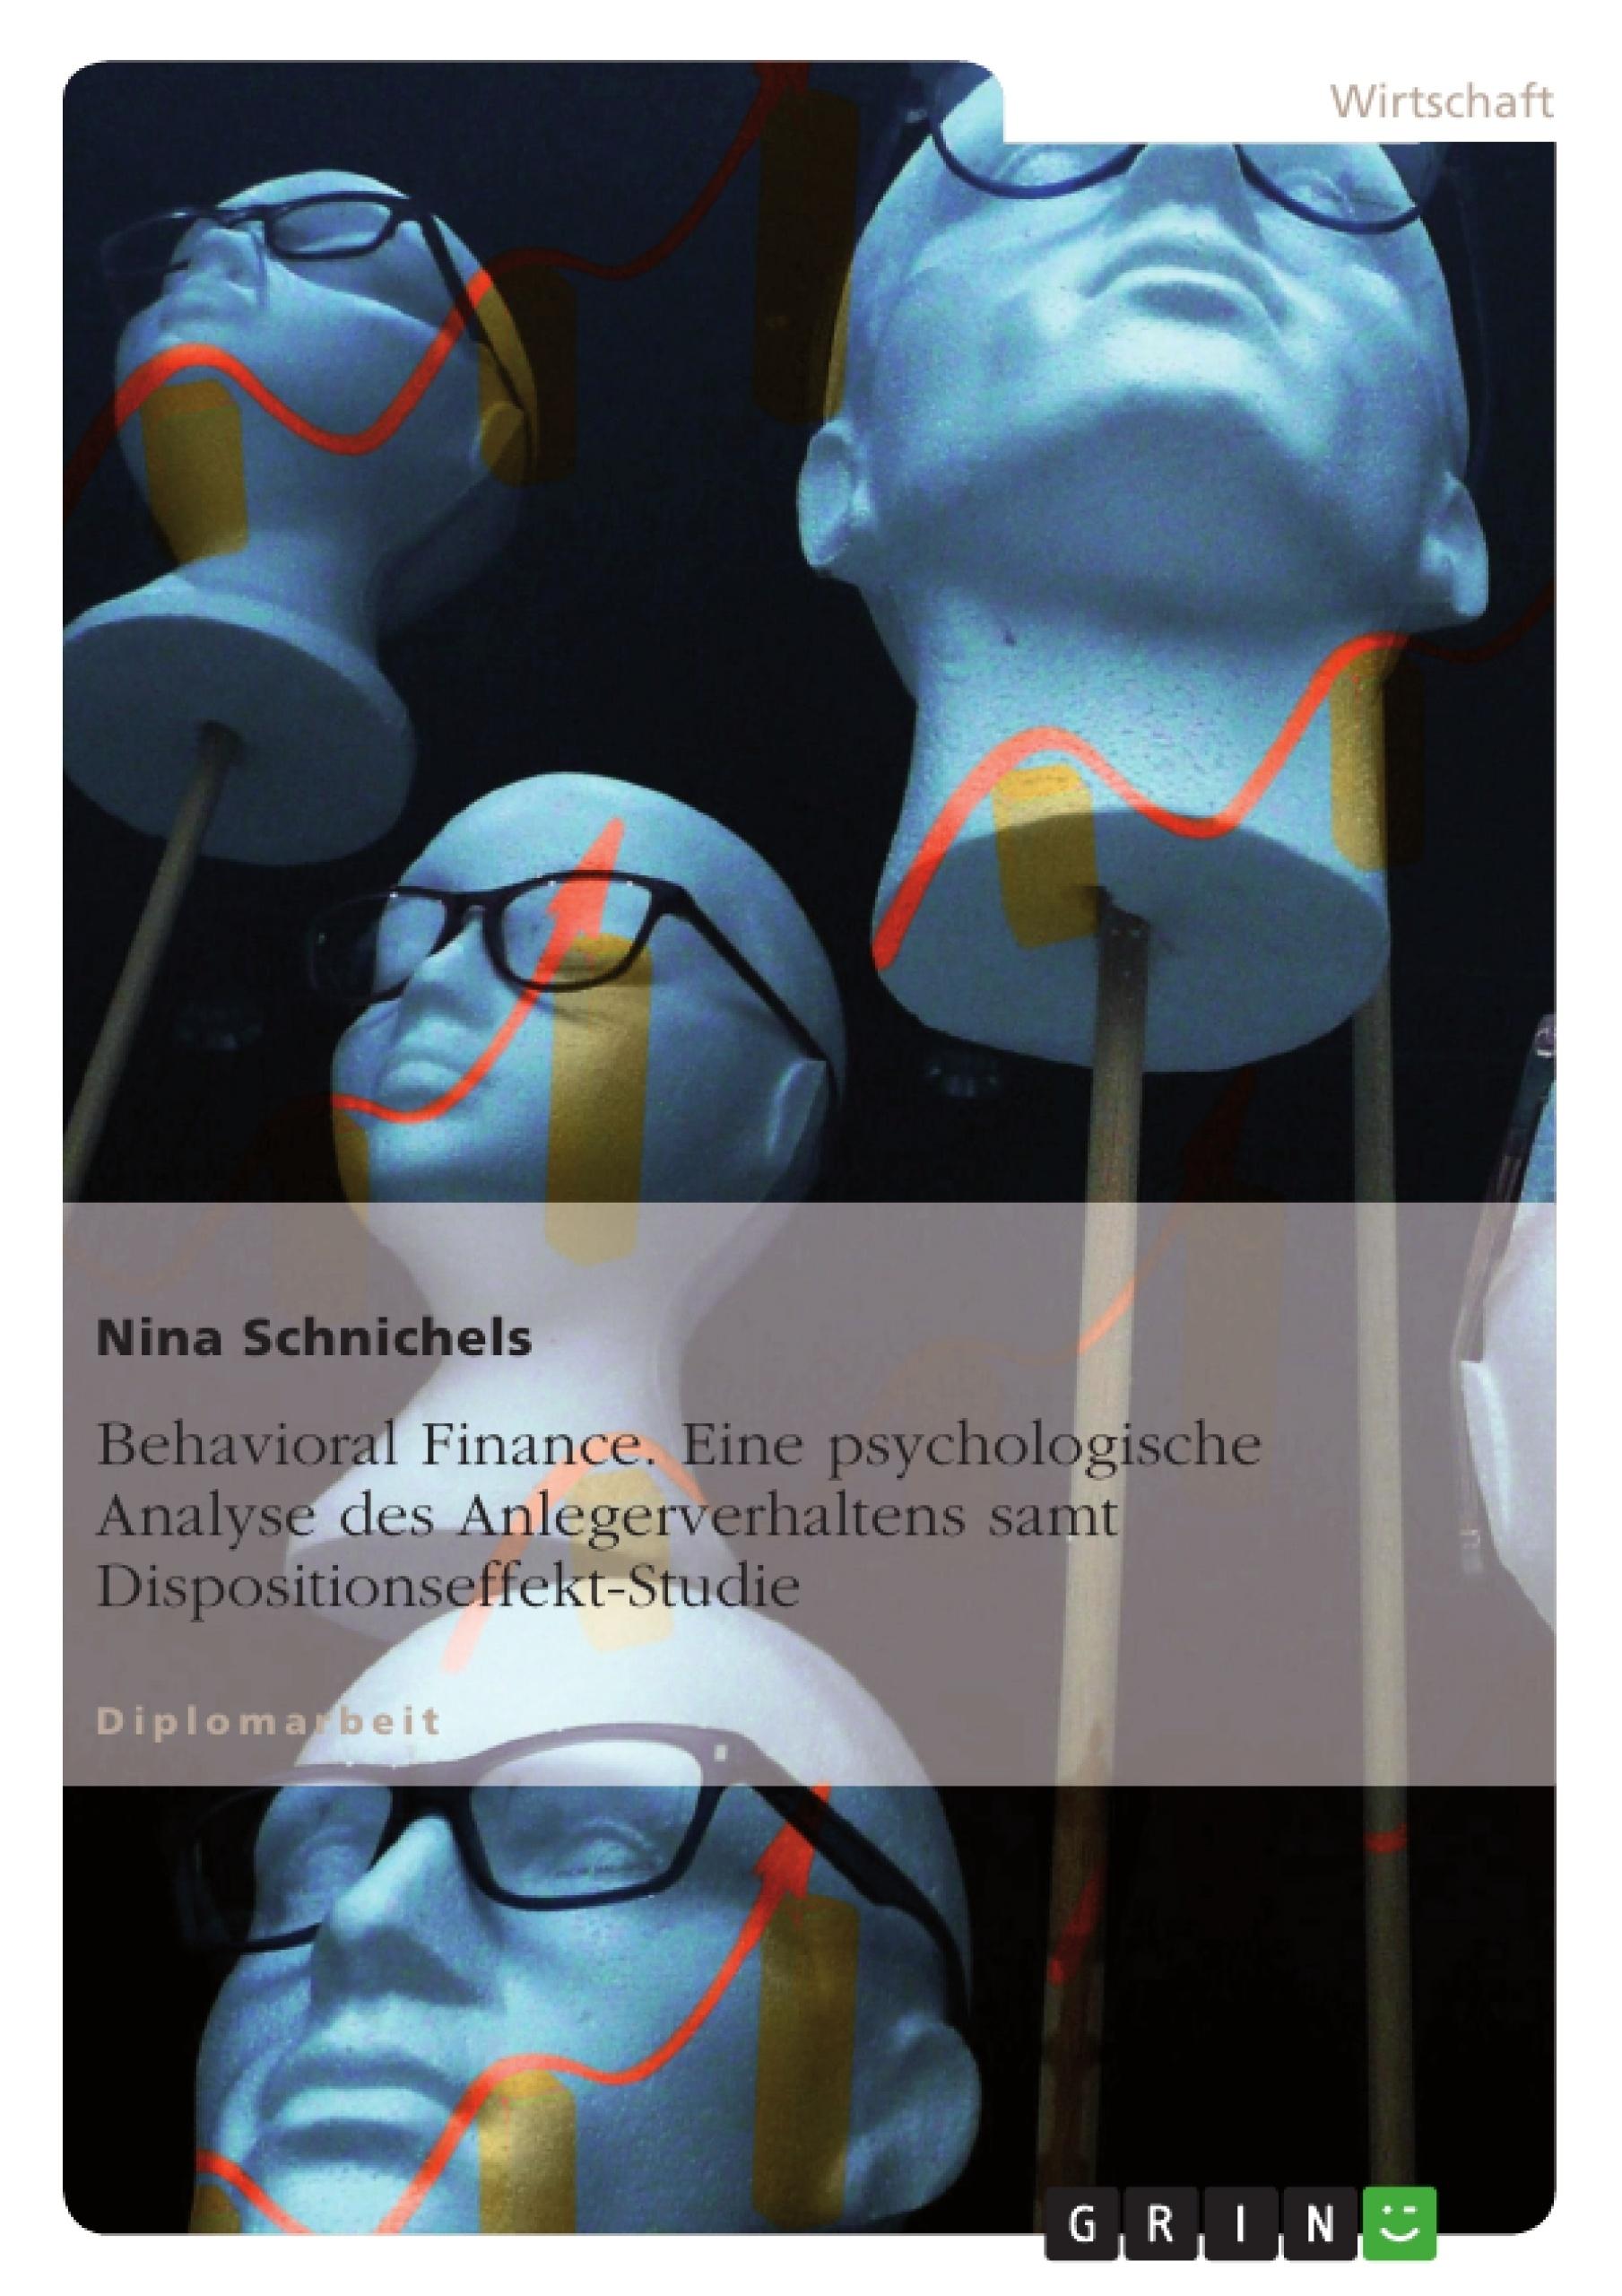 Titel: Behavioral Finance. Eine psychologische Analyse des Anlegerverhaltens samt Dispositionseffekt-Studie